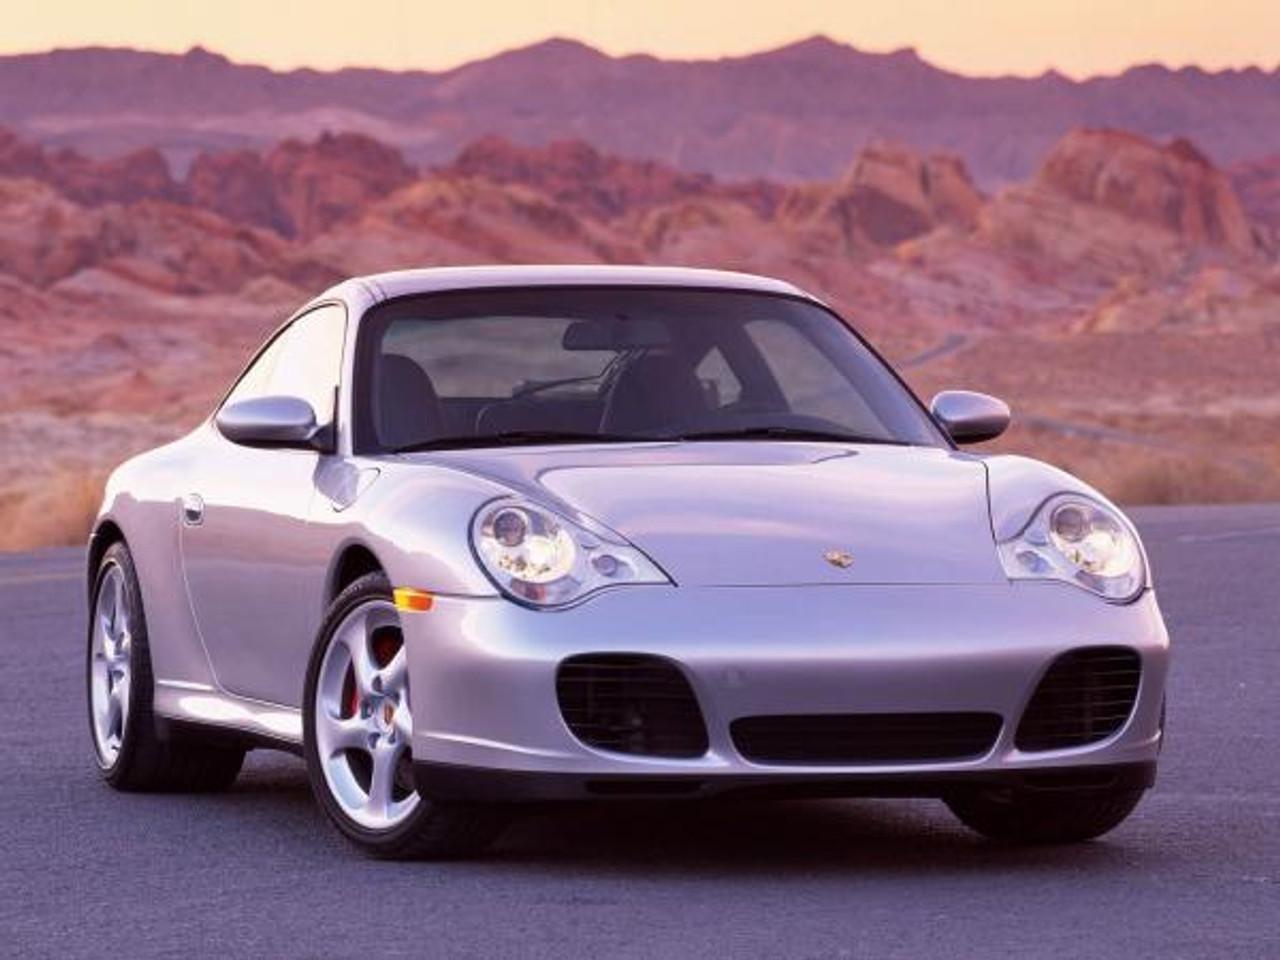 Porsche 996 ExtendMySeat